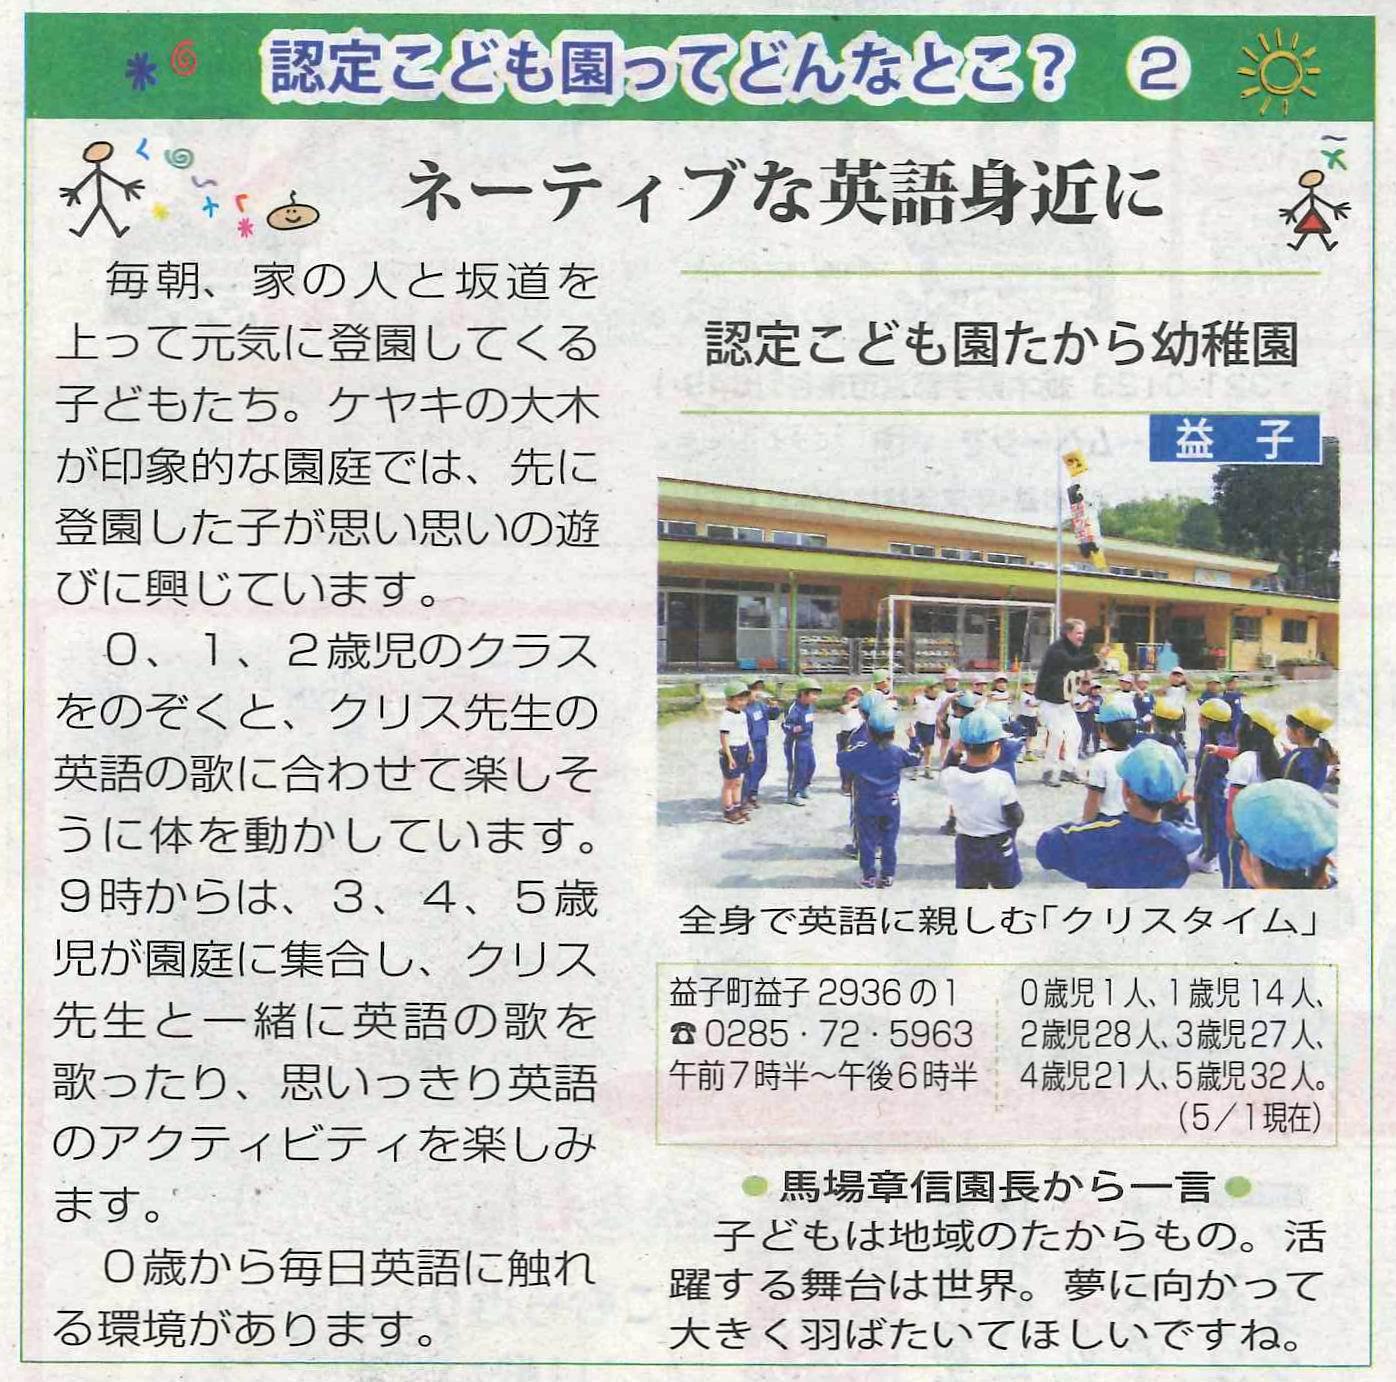 下野新聞 ASPO(アスポ)に掲載されました!